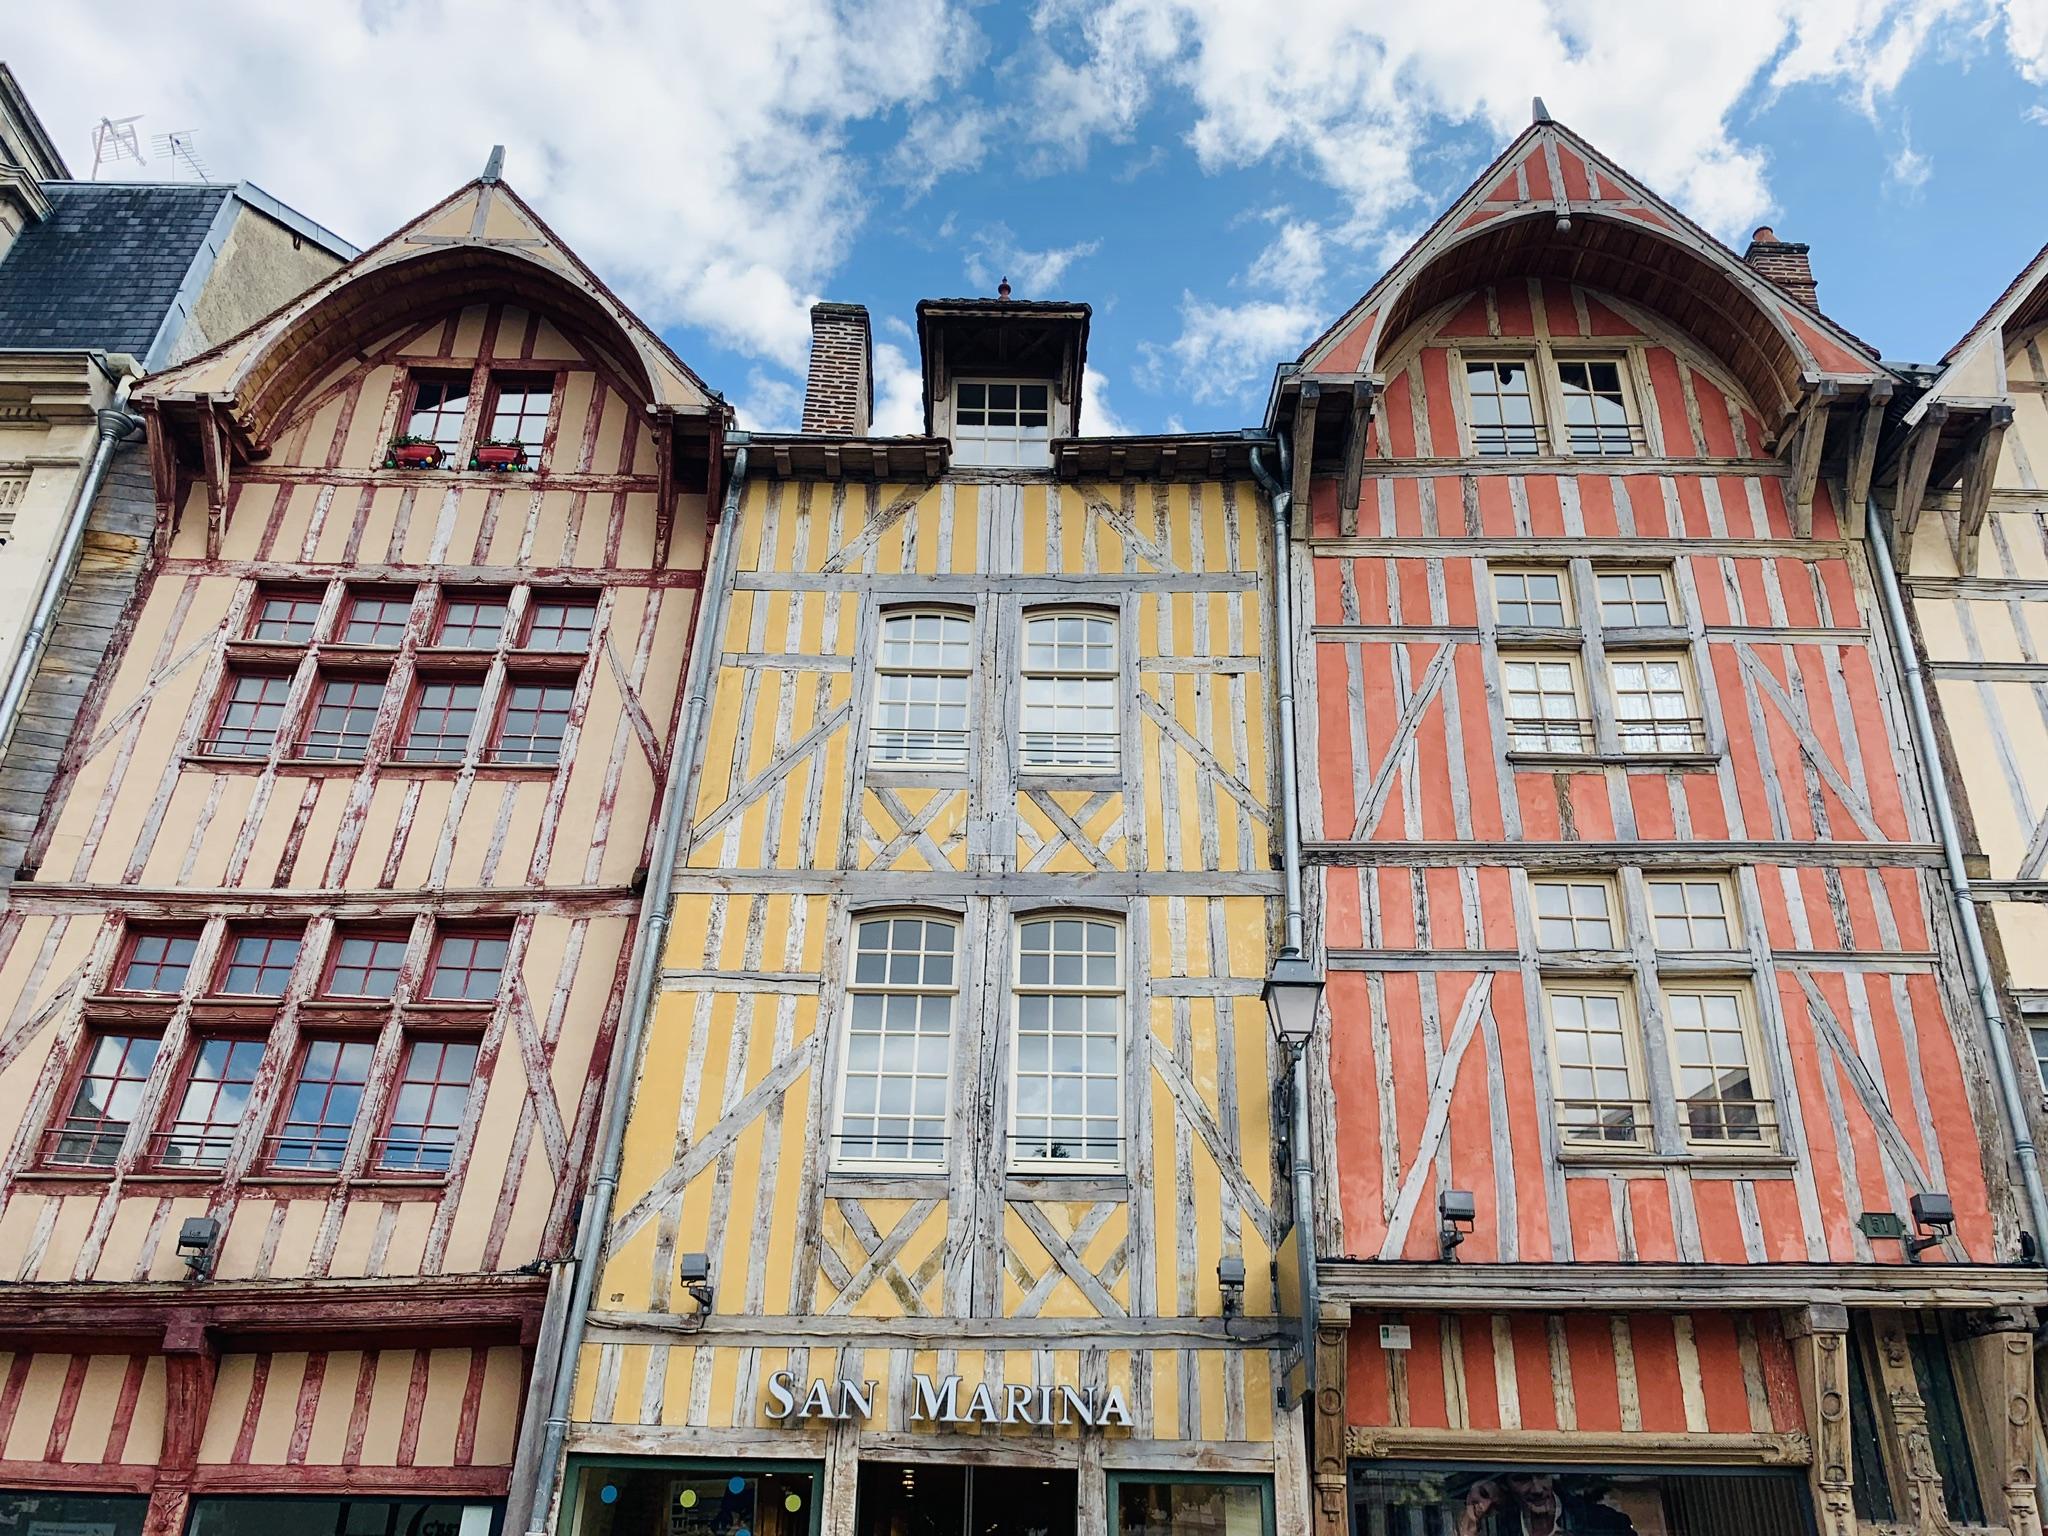 Europa Roadtrip 2019 - Wunderschöne Fachwerkhäuschen in Troyes